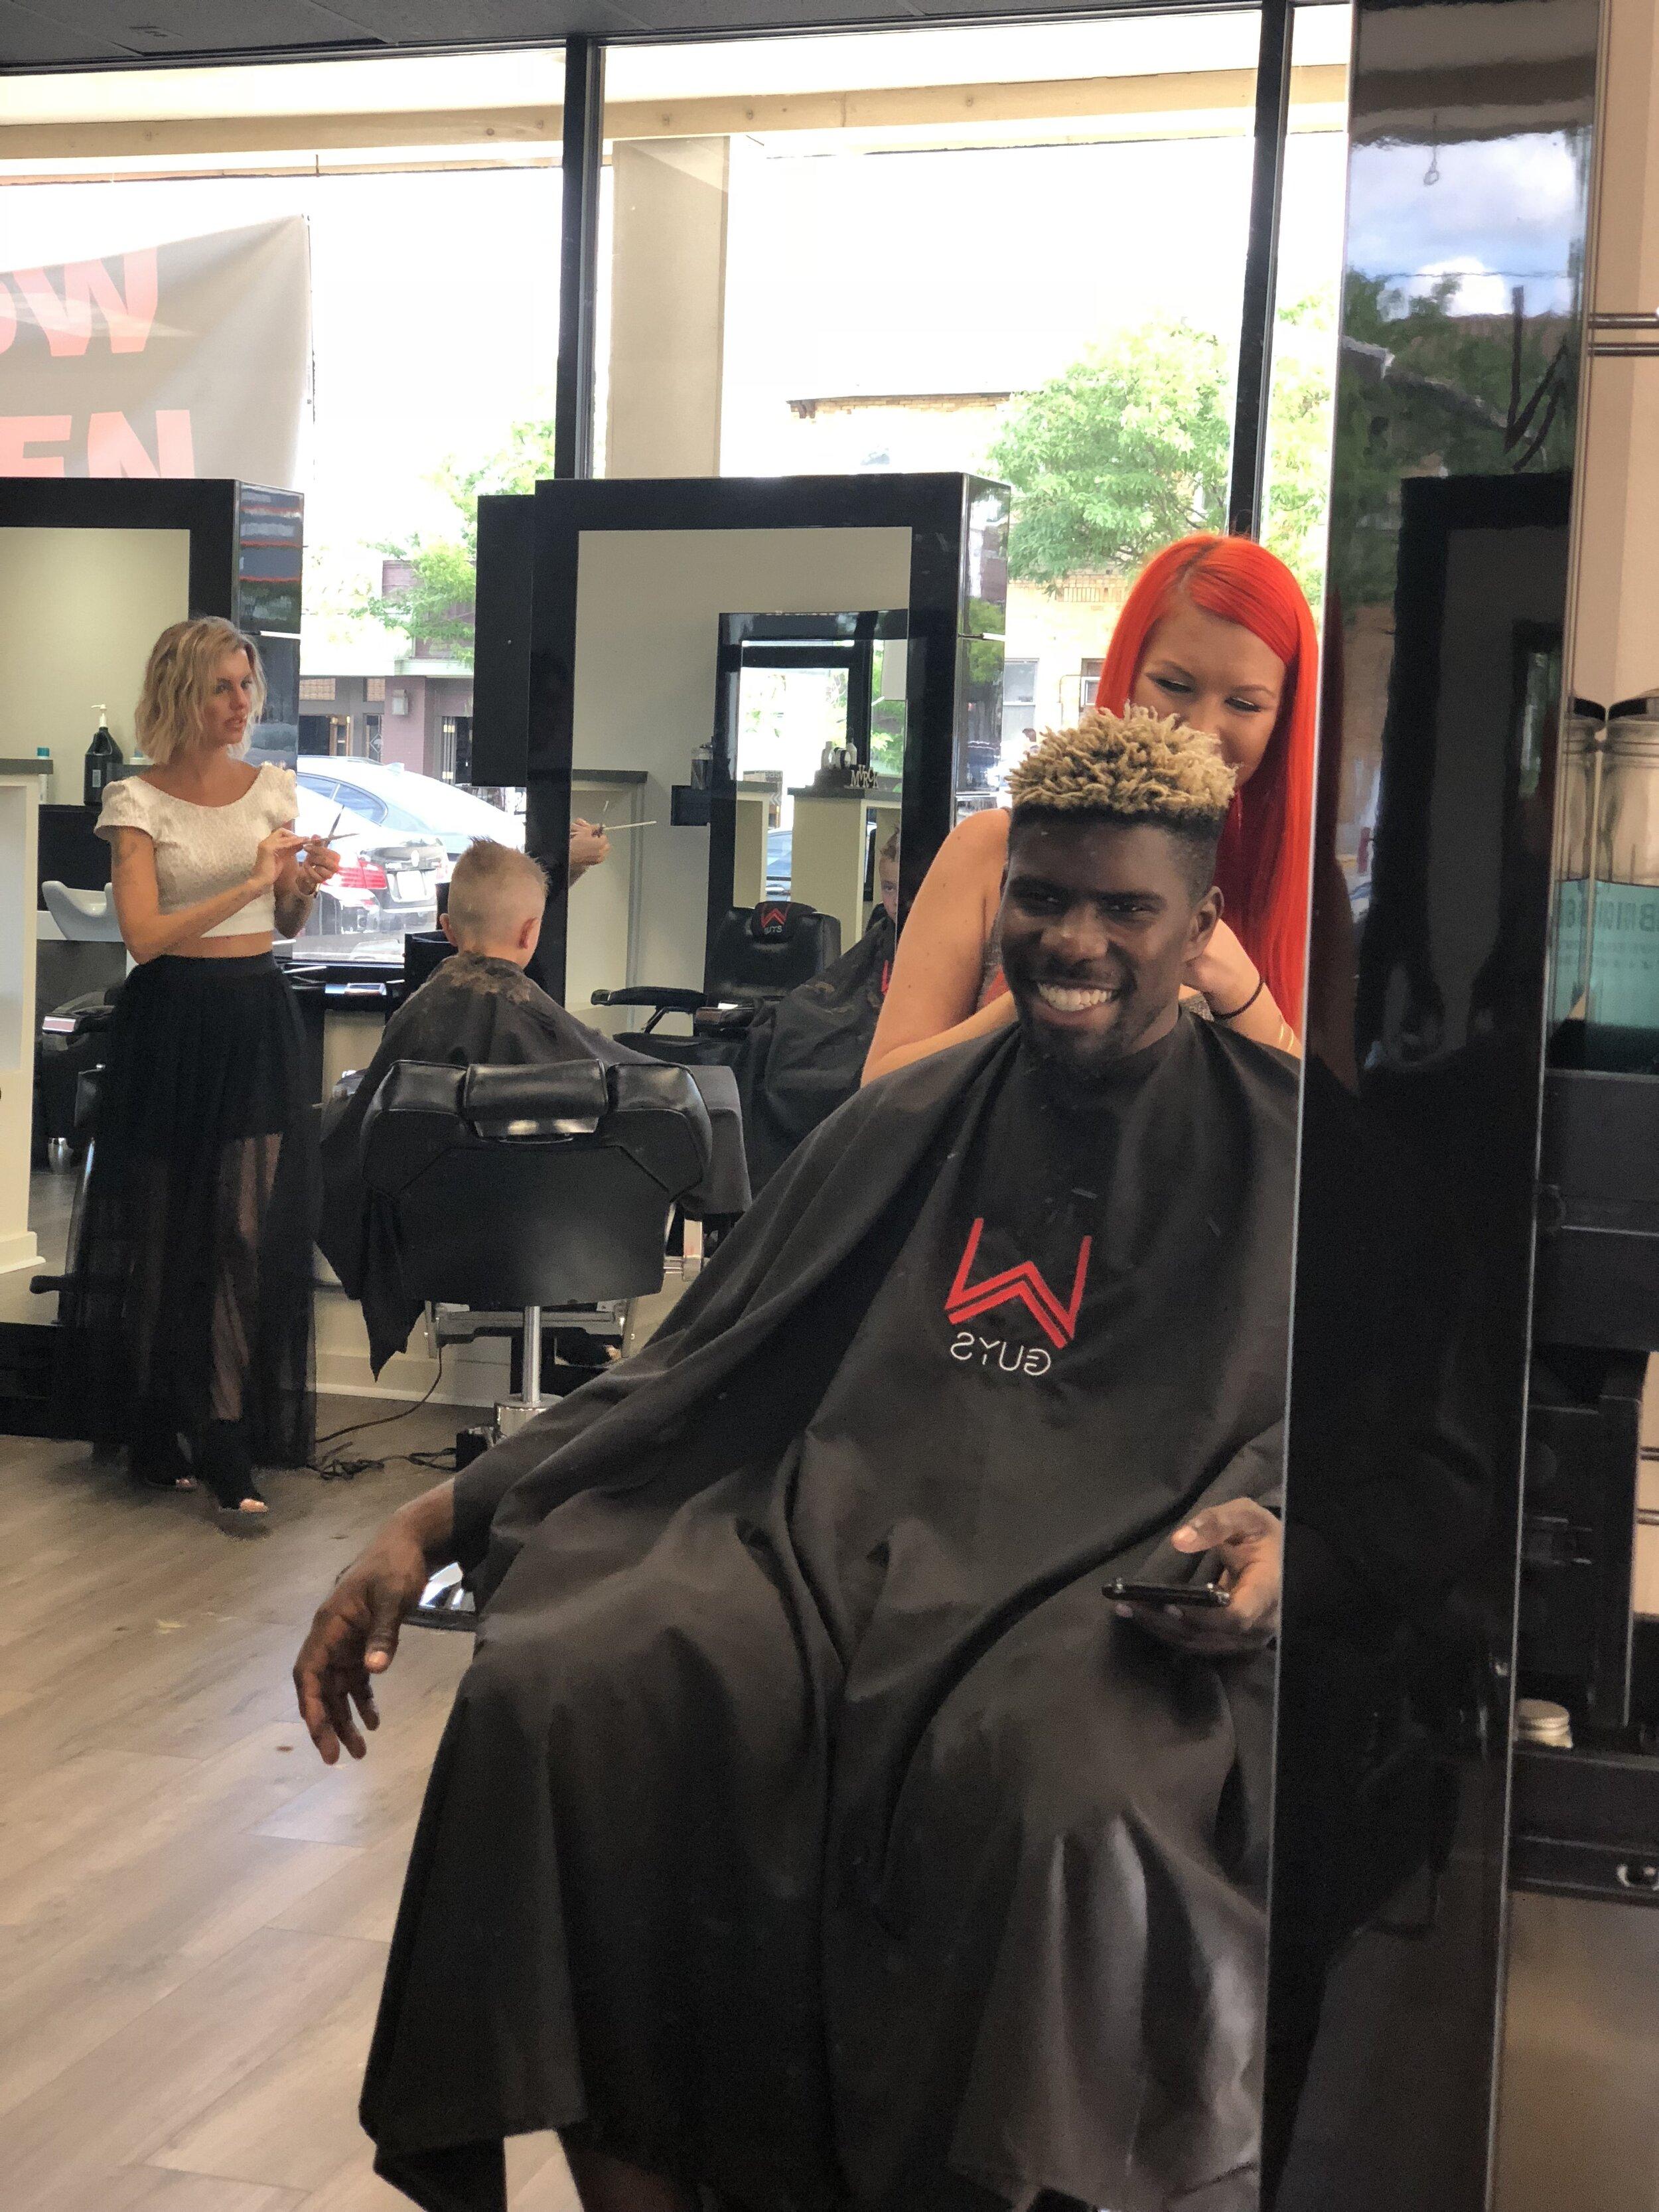 Salon Stylist Finding The Right Salon W Barber Spa & Salon